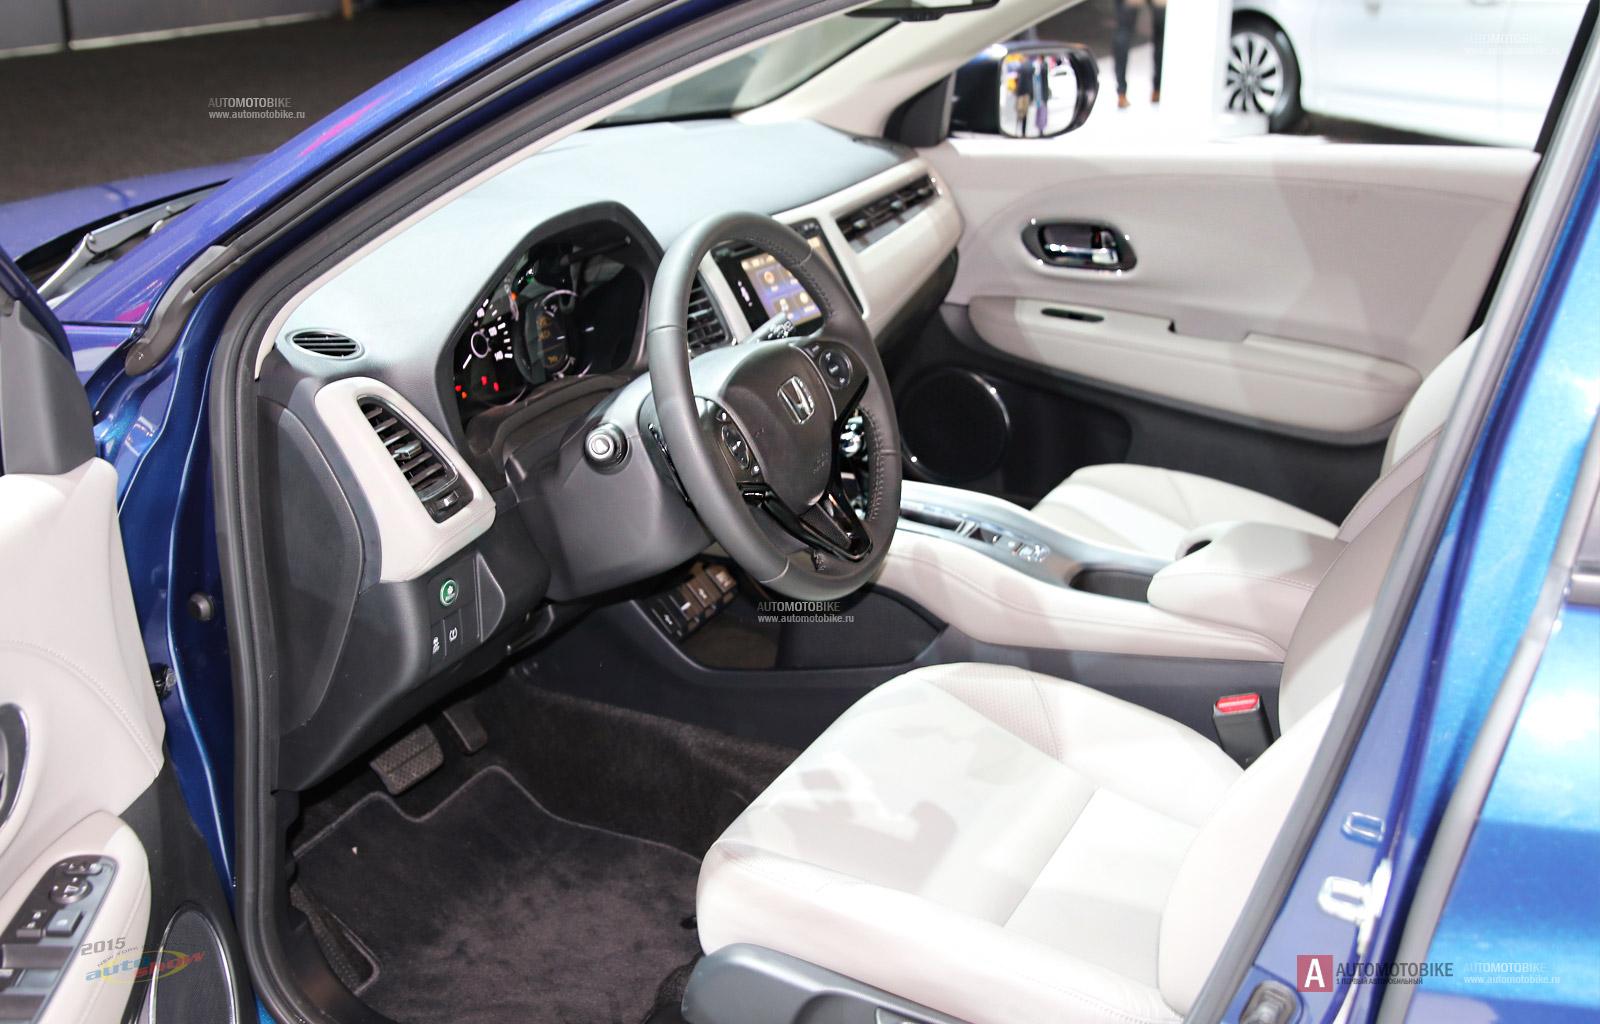 2016 Honda HR-V фотографии и обзор интерьера салона кроссовера